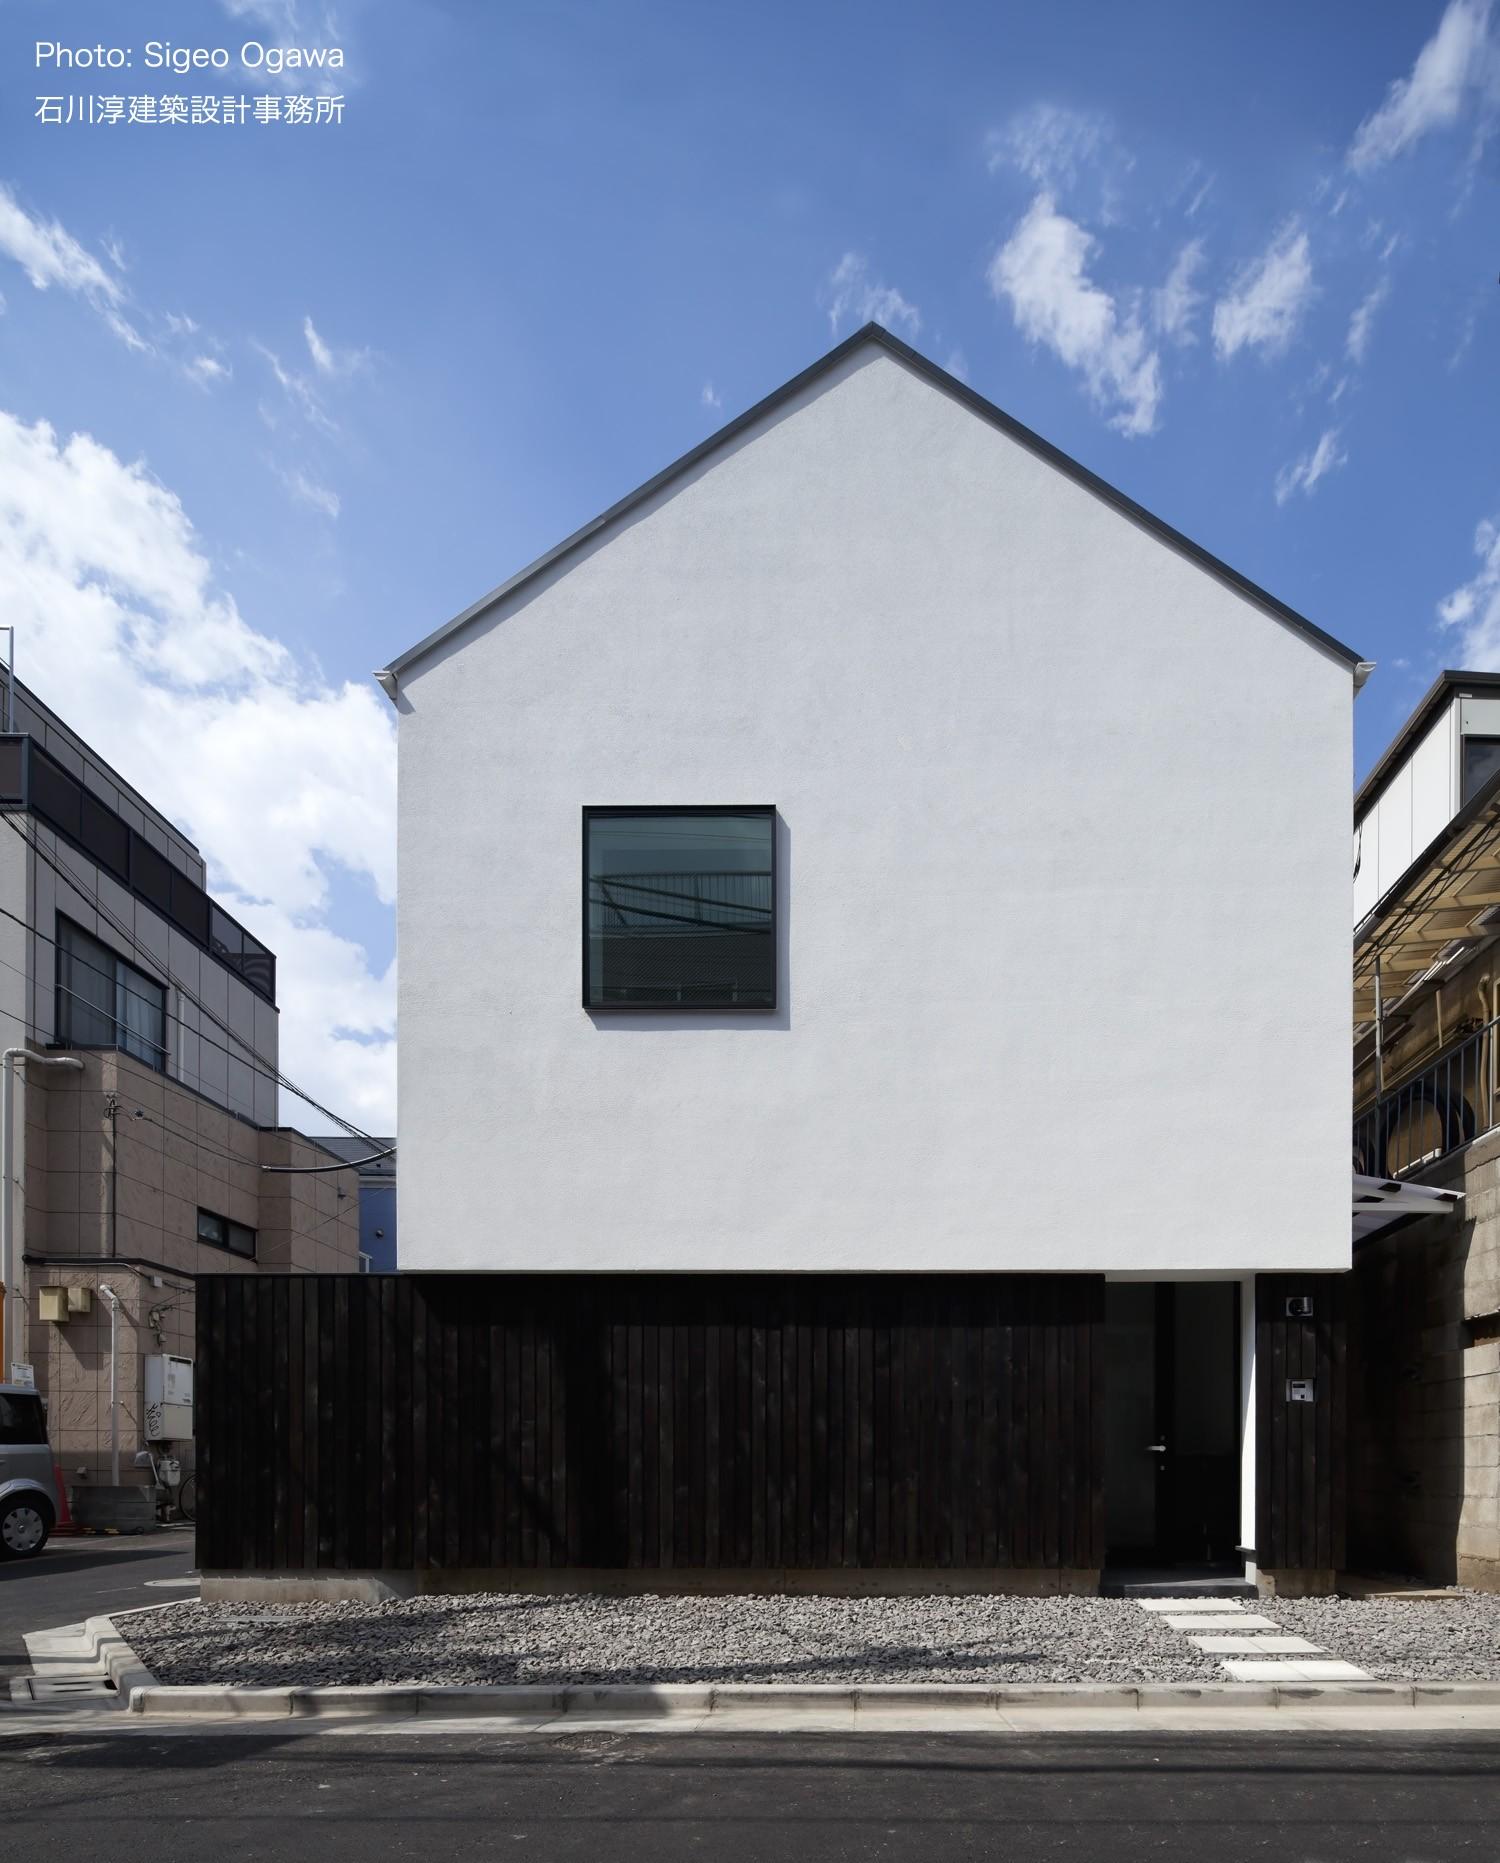 外観事例:東京中野 本棚のある家 OUCHI-26(デザイン住宅外観いろいろ)